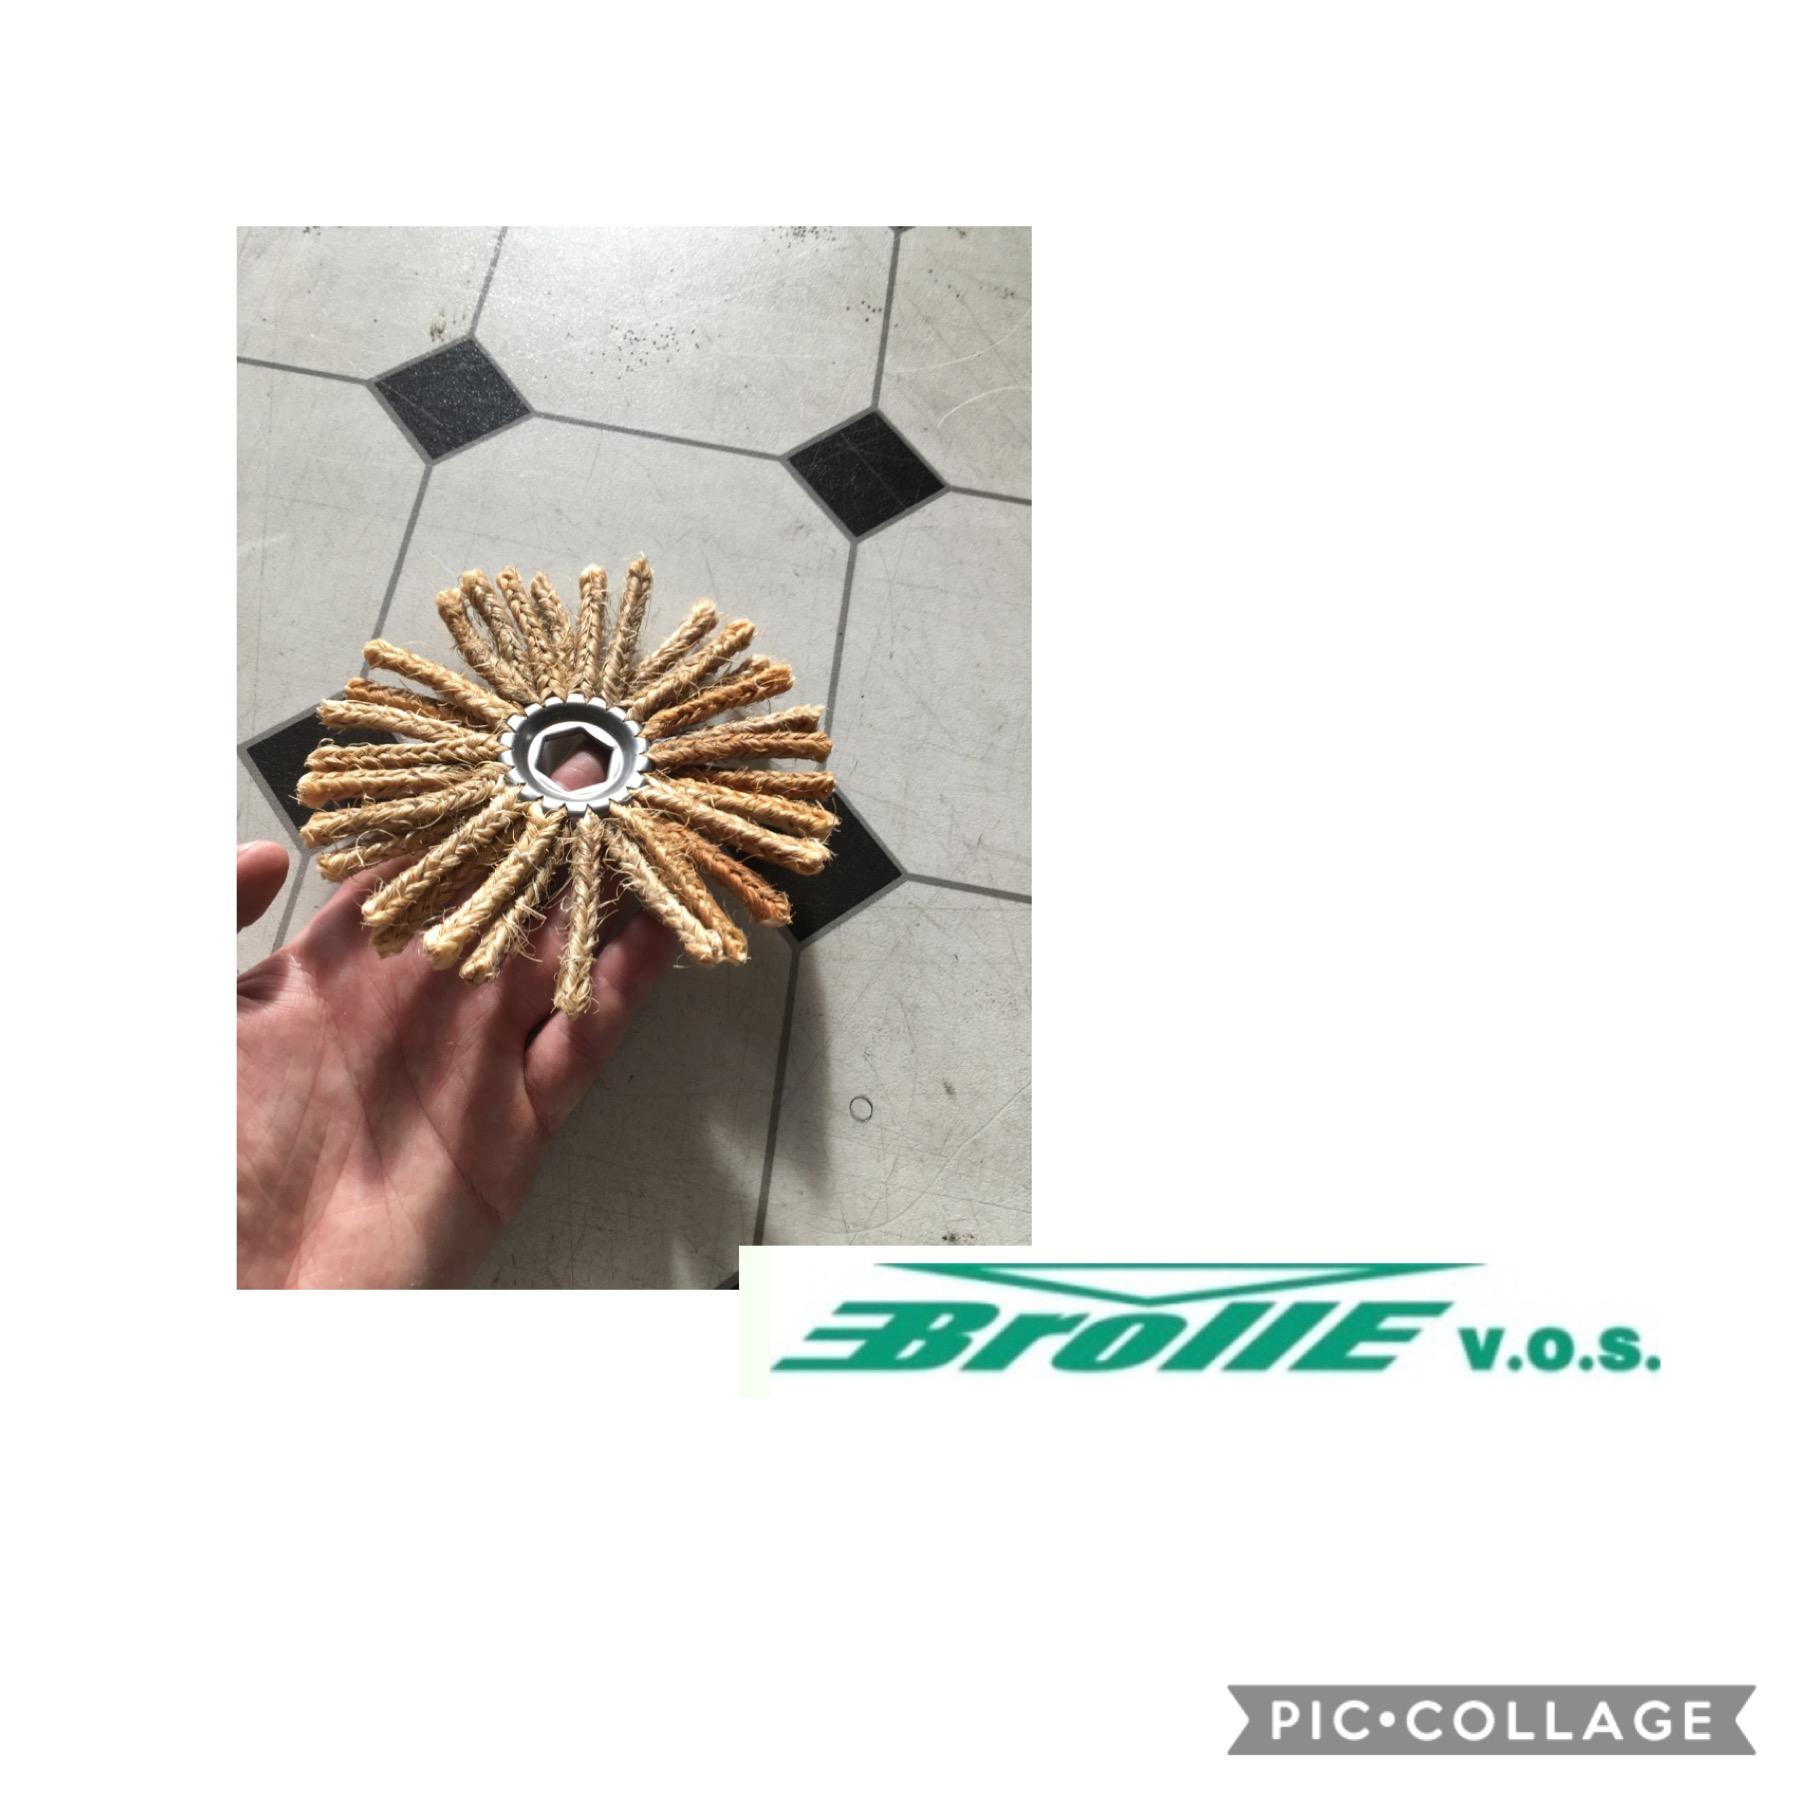 Šňůrové sisálové kotouče vyrábíme od začátku letošního roku a máme na ně kladné recenze přímo z výroby!!! Pro více informací nás kontaktujte.